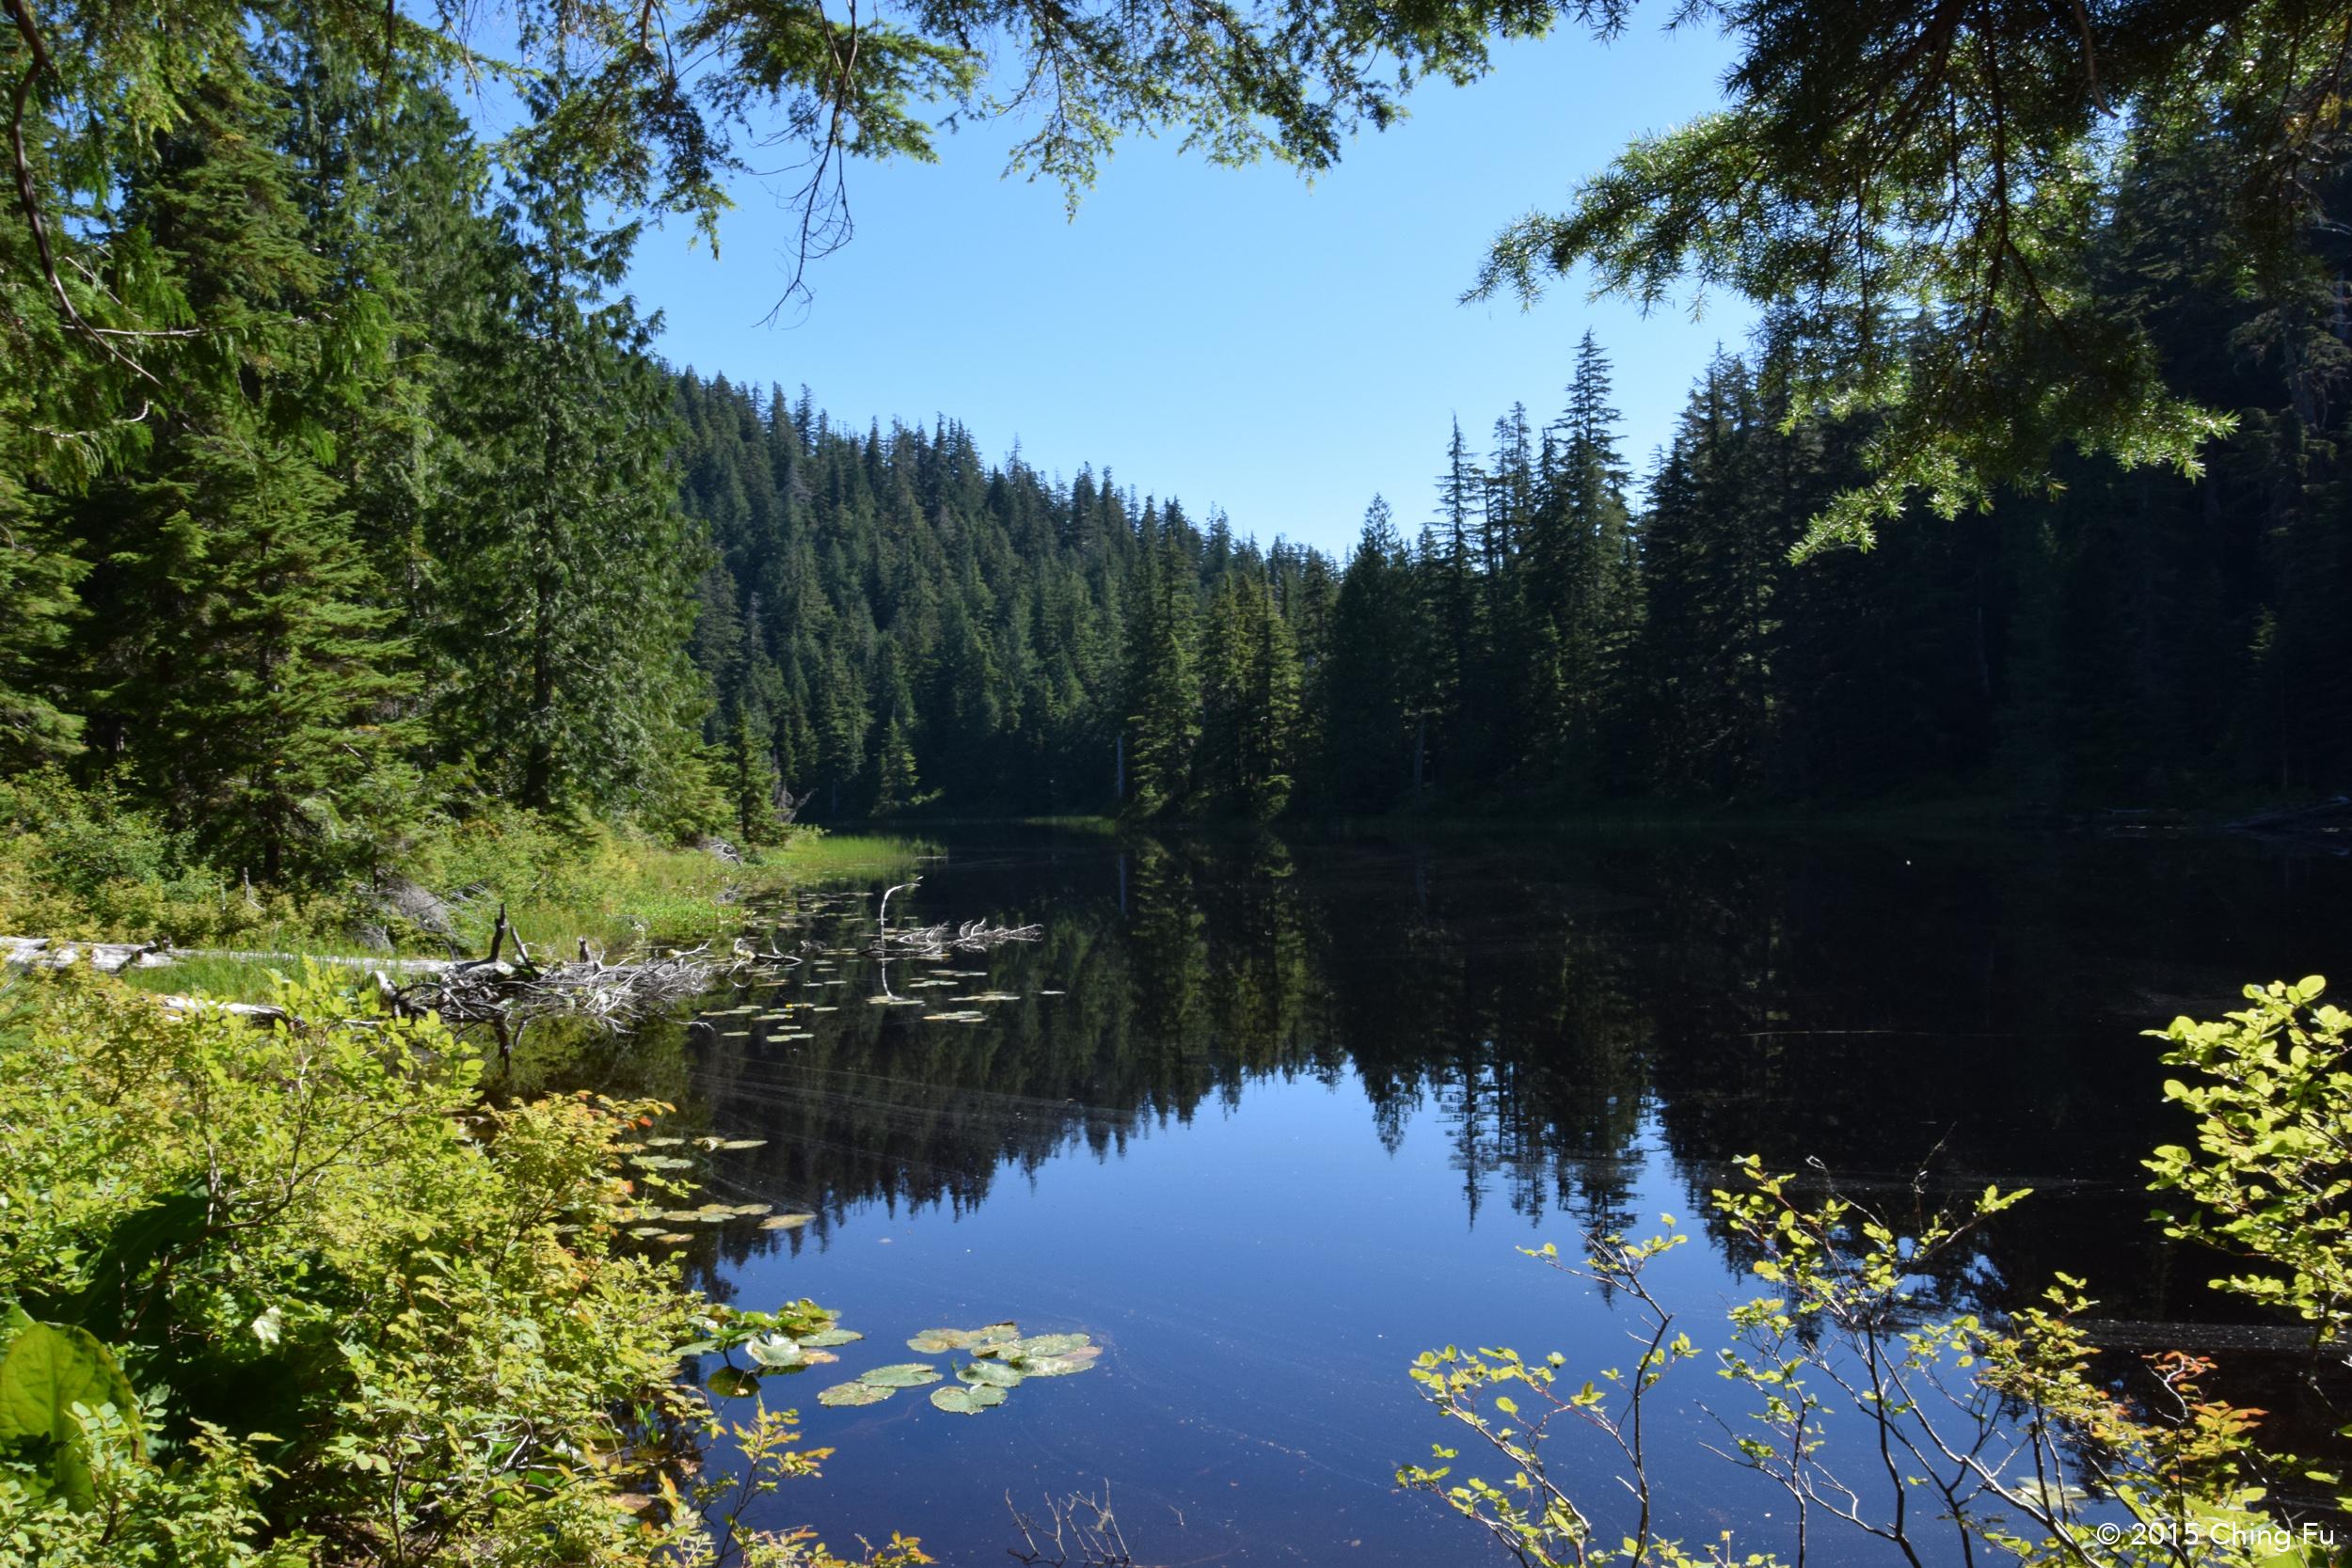 Lower Ashland Lake